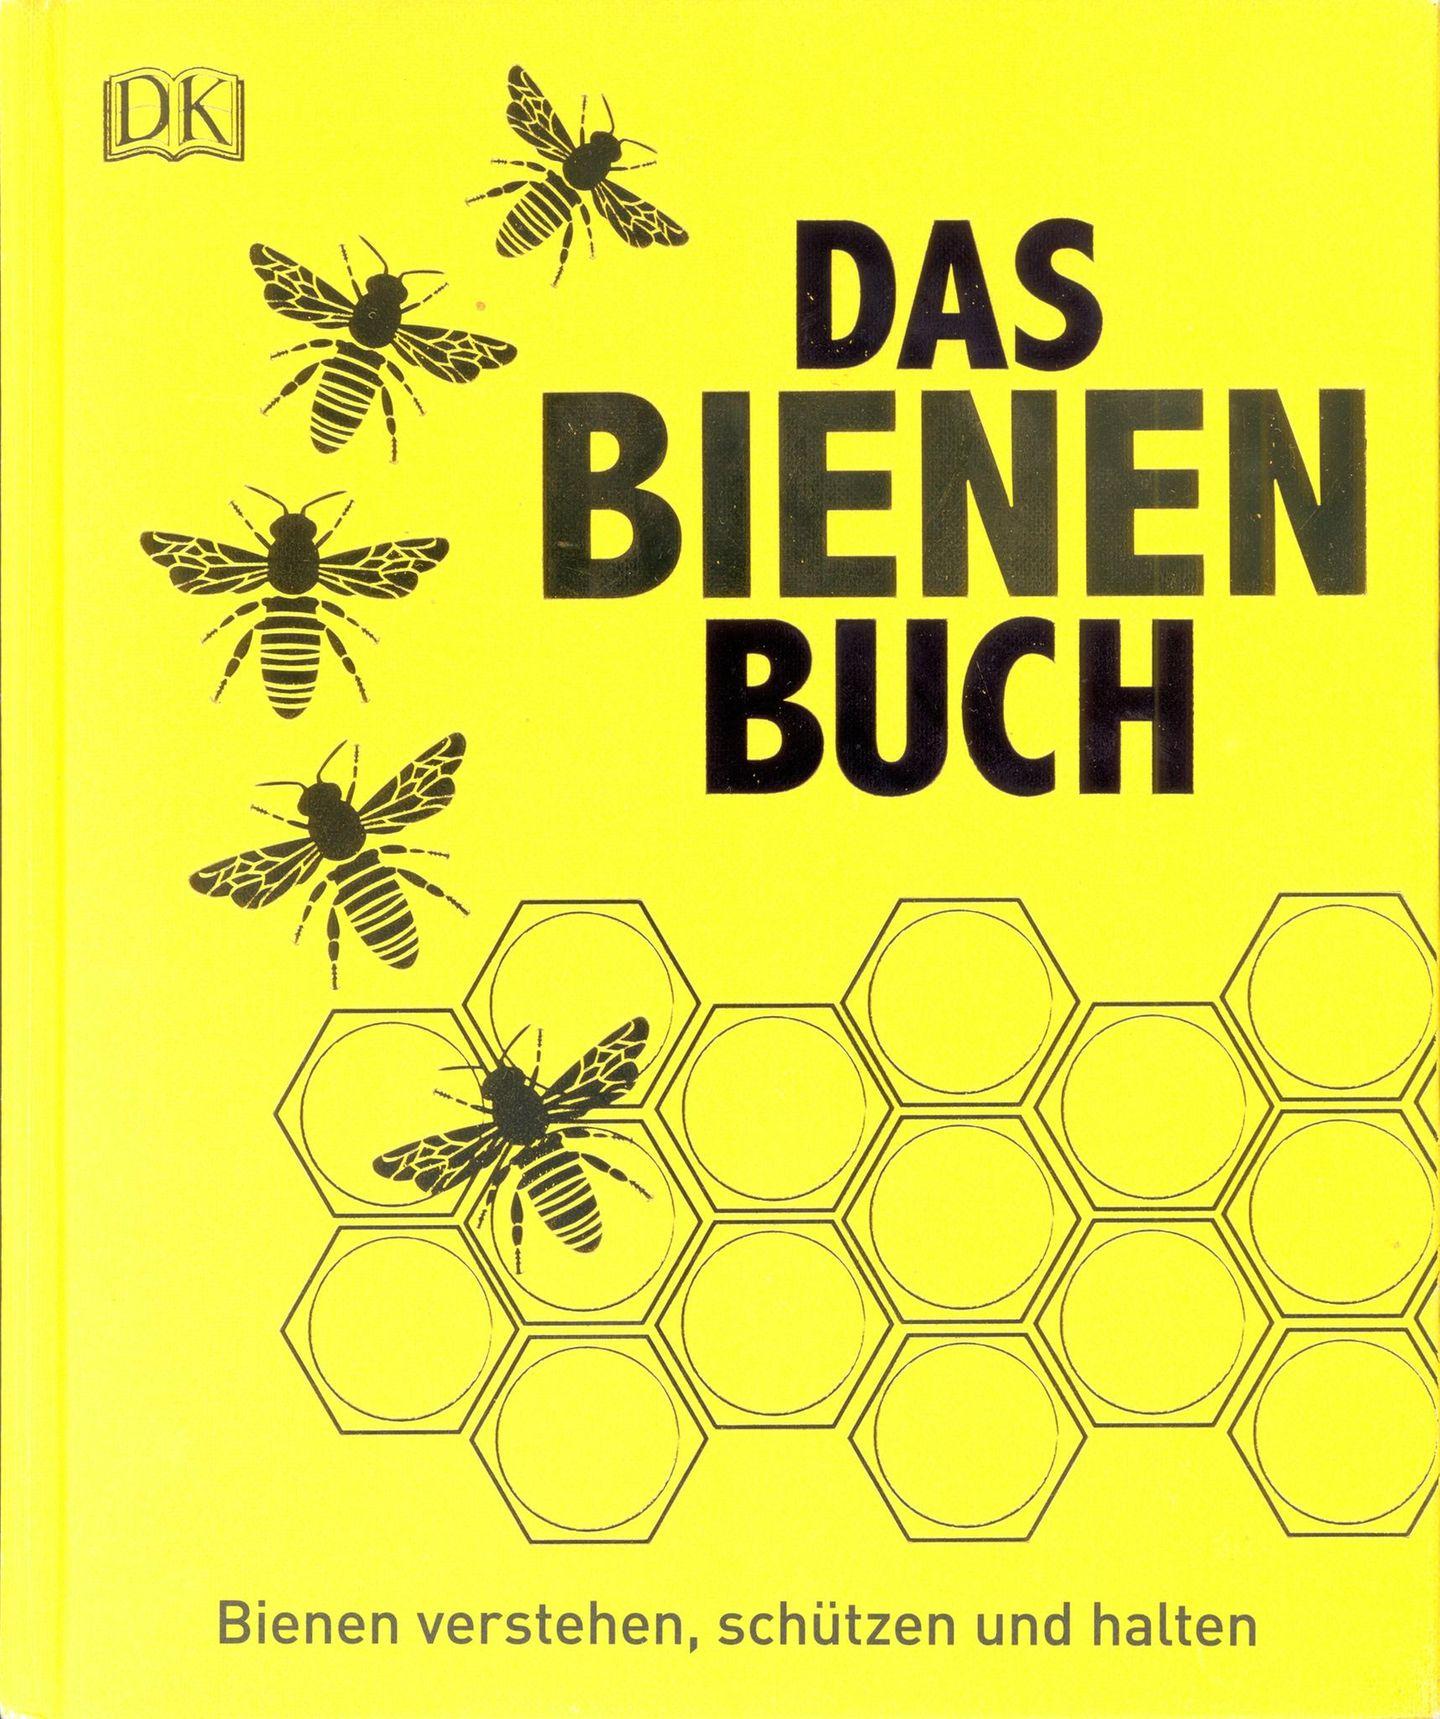 """Das Bienen-Buch  Von Emma Tennant, Fergus Chadwick und Steve Alton  Die drei Autoren haben im """"Bienen-Buch"""" ihr Wissen nicht nur zusammengetragen, sondern zugleich mit hochwertigen, liebevollen Illustrationen angereichert. Wer sich mit wohligem Gefühl noch an die dünnen """"Was ist Was""""-Bücher seiner Jugend erinnern kann, wird das """"Bienen Buch"""" lieben. Es istwie eine extra dicke, sehr ausführliche Ausgabe der beliebten Wissensreihe für Kinder. Das """"Bienen-Buch"""" ist keine Anleitung zum Imkern. Es will vielmehr zeigen, wie jeder von uns etwas gegen das Bienen- und Insektensterben unternehmen kann, sei es im Garten oder auf dem Balkon in der Stadt. So wird auch gezeigt, welche Pflanzen man setzen sollte, was Bienen im Garten besonders schätzen und wie man Insektenhotels selbst baut. Im Mittelpunkt stehen natürlich das Bienenvolk und der Einstieg in die Imkerei."""